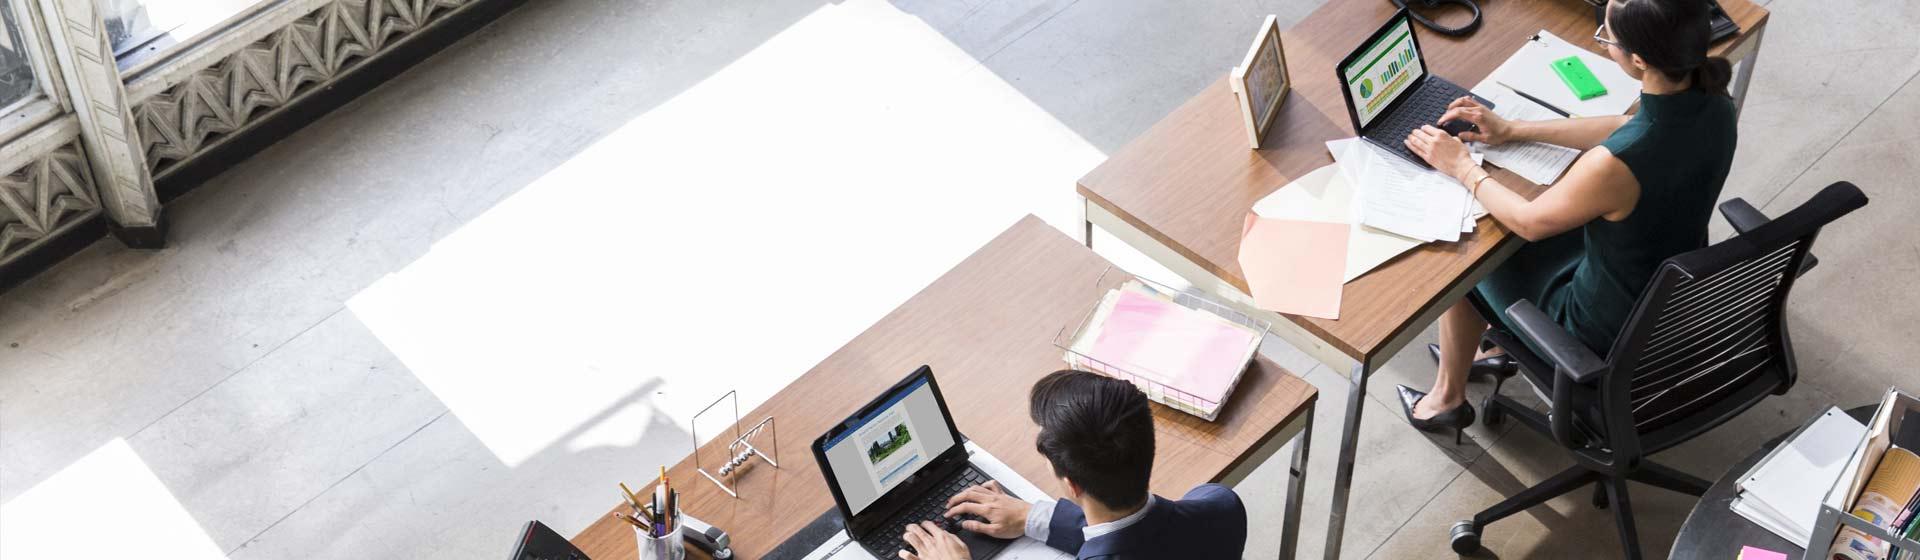 Kas Office 2013 pakutavad võimalused ei rahulda teid enam? Võtke Office 365 kasutusele juba täna!